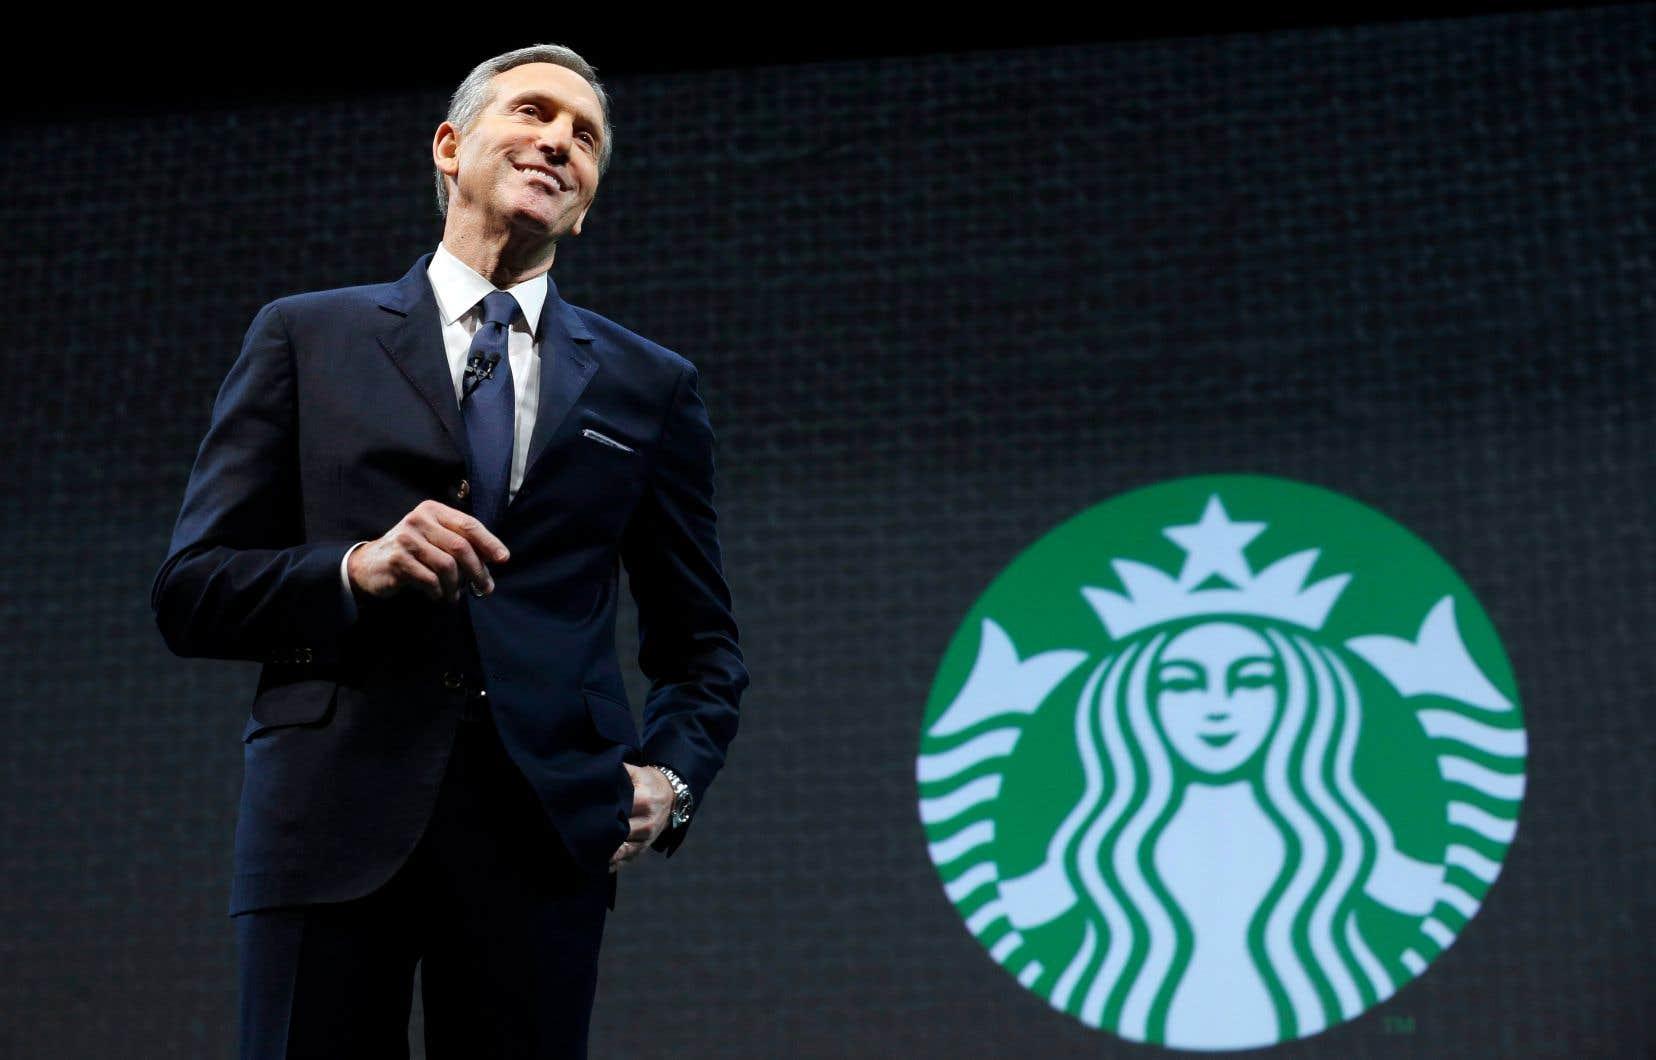 Howard Schultz s'exprimant lors de l'assemblée générale des actionnaires de la chaîne Starbucks, en mars 2015, à Seattle